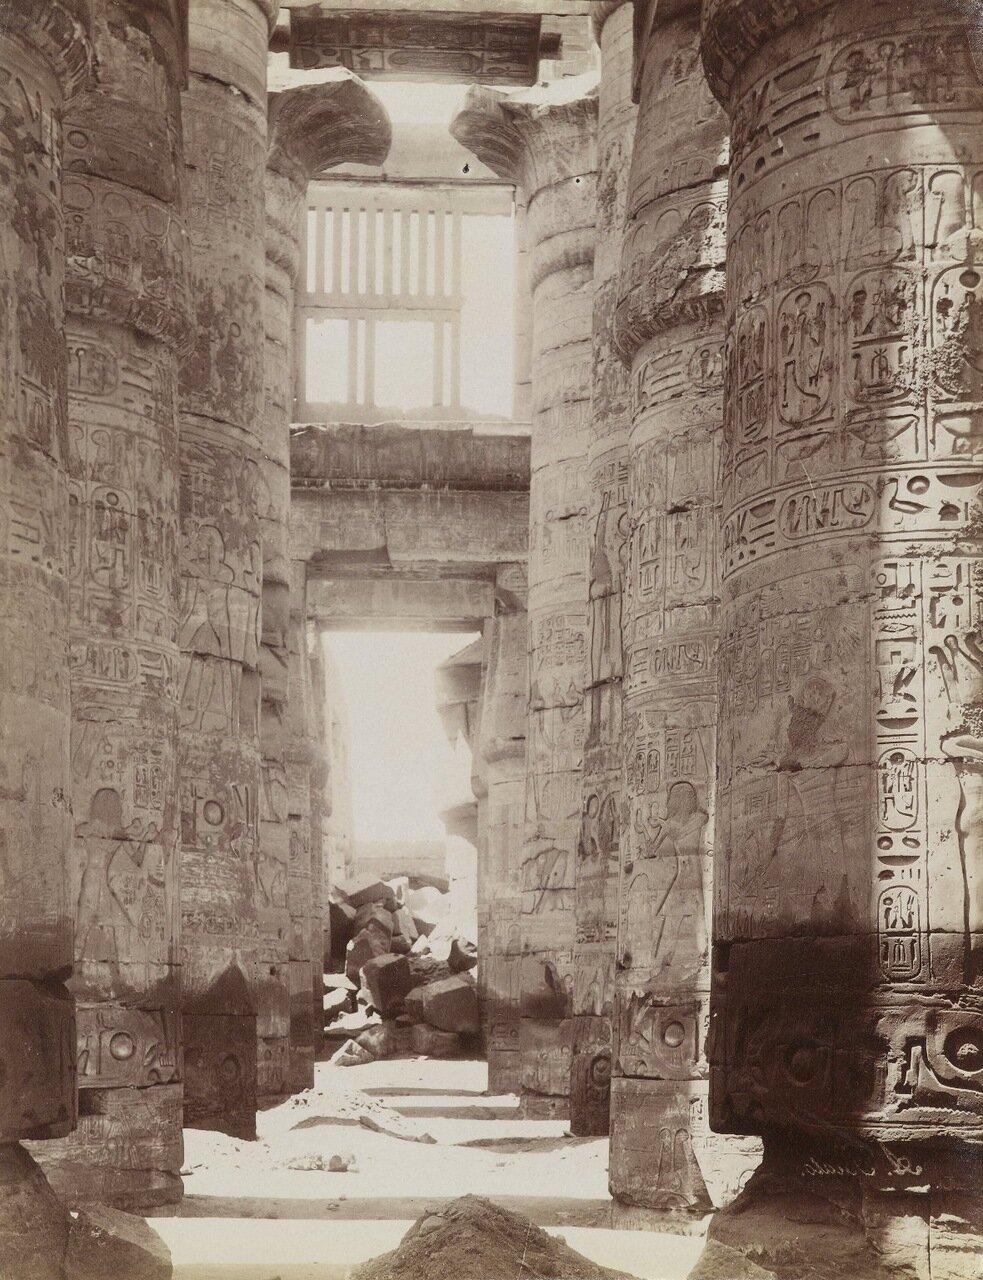 Гипостильный зал в Карнакском храме